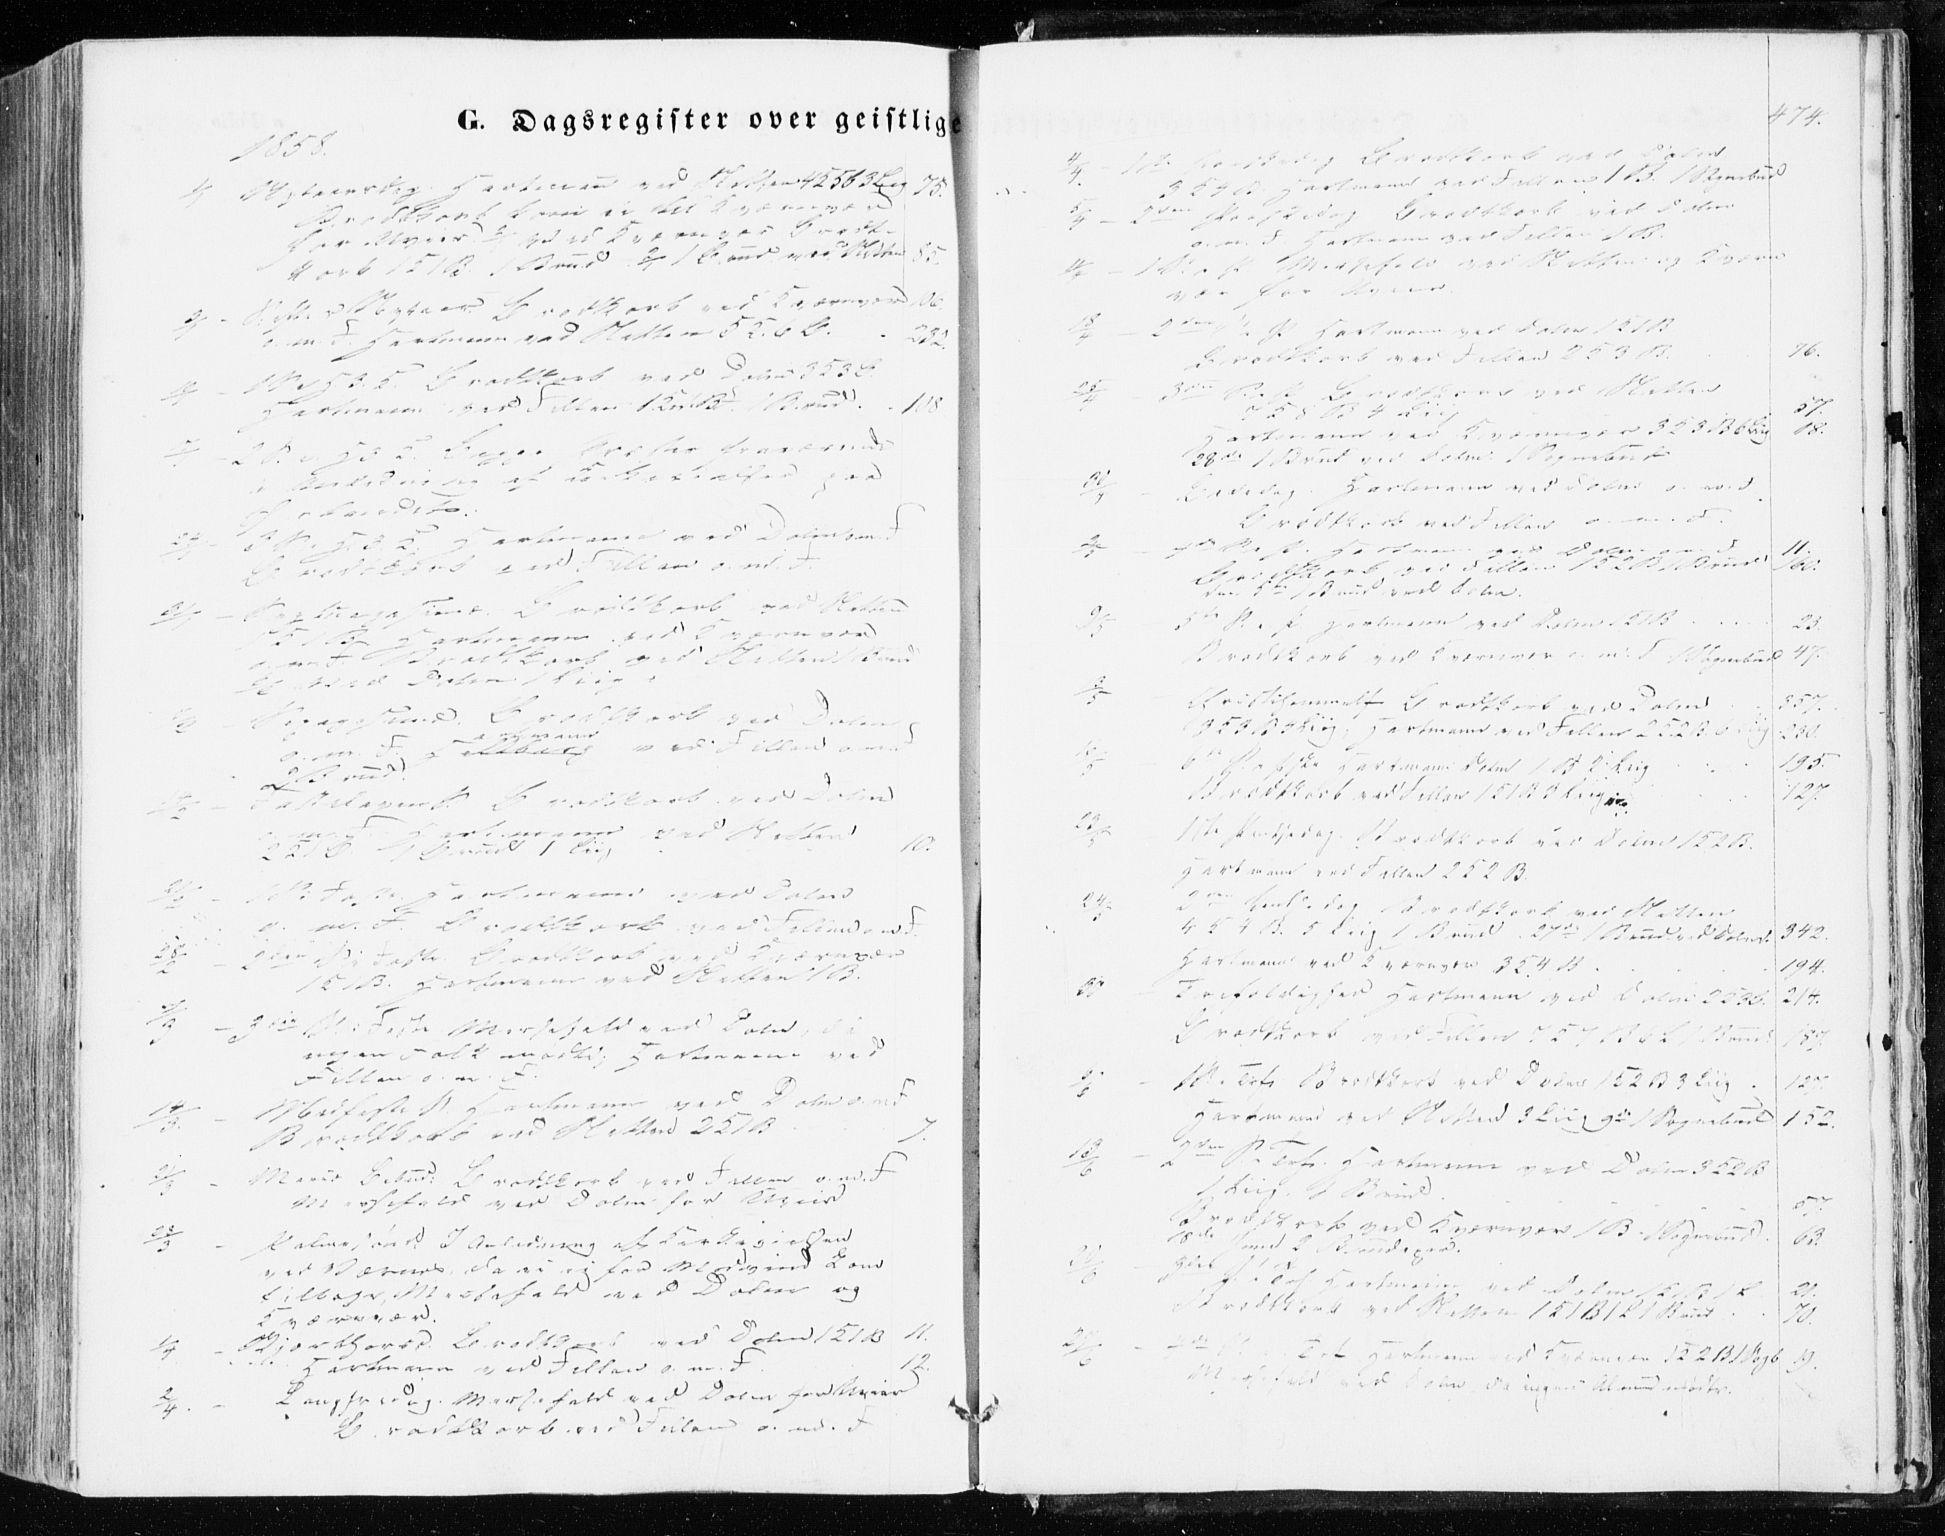 SAT, Ministerialprotokoller, klokkerbøker og fødselsregistre - Sør-Trøndelag, 634/L0530: Ministerialbok nr. 634A06, 1852-1860, s. 474